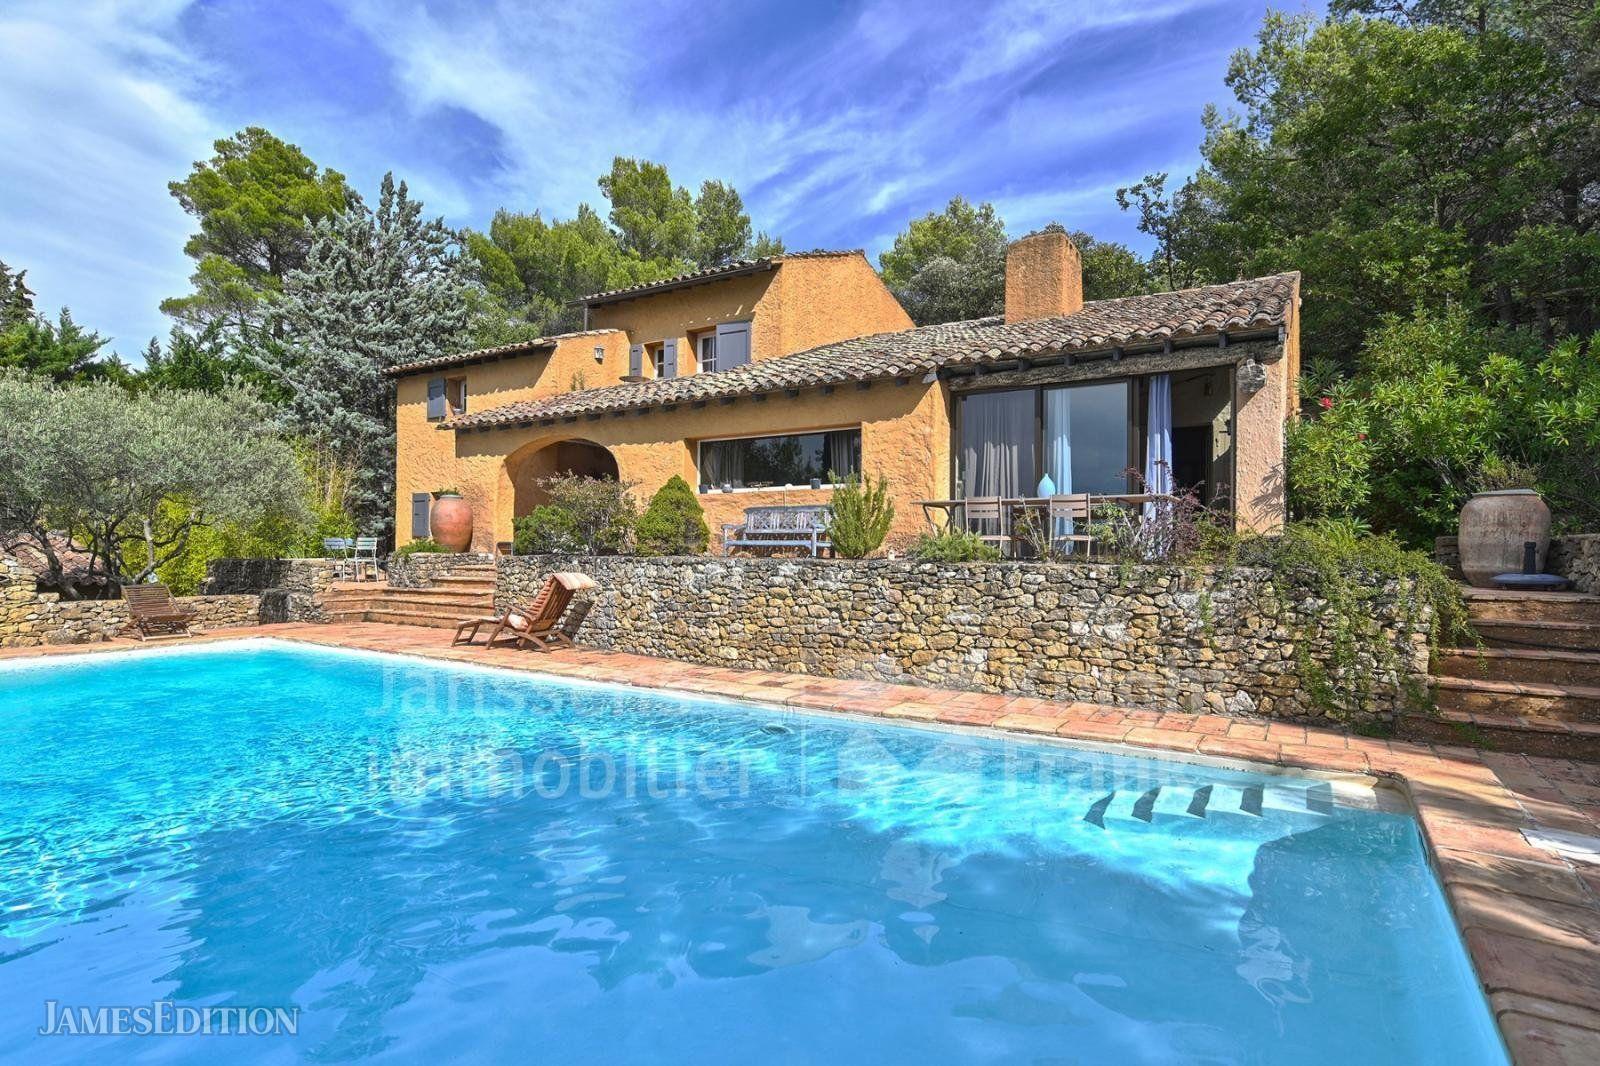 Villa in Ansouis, Provence-Alpes-Côte d'Azur, France 1